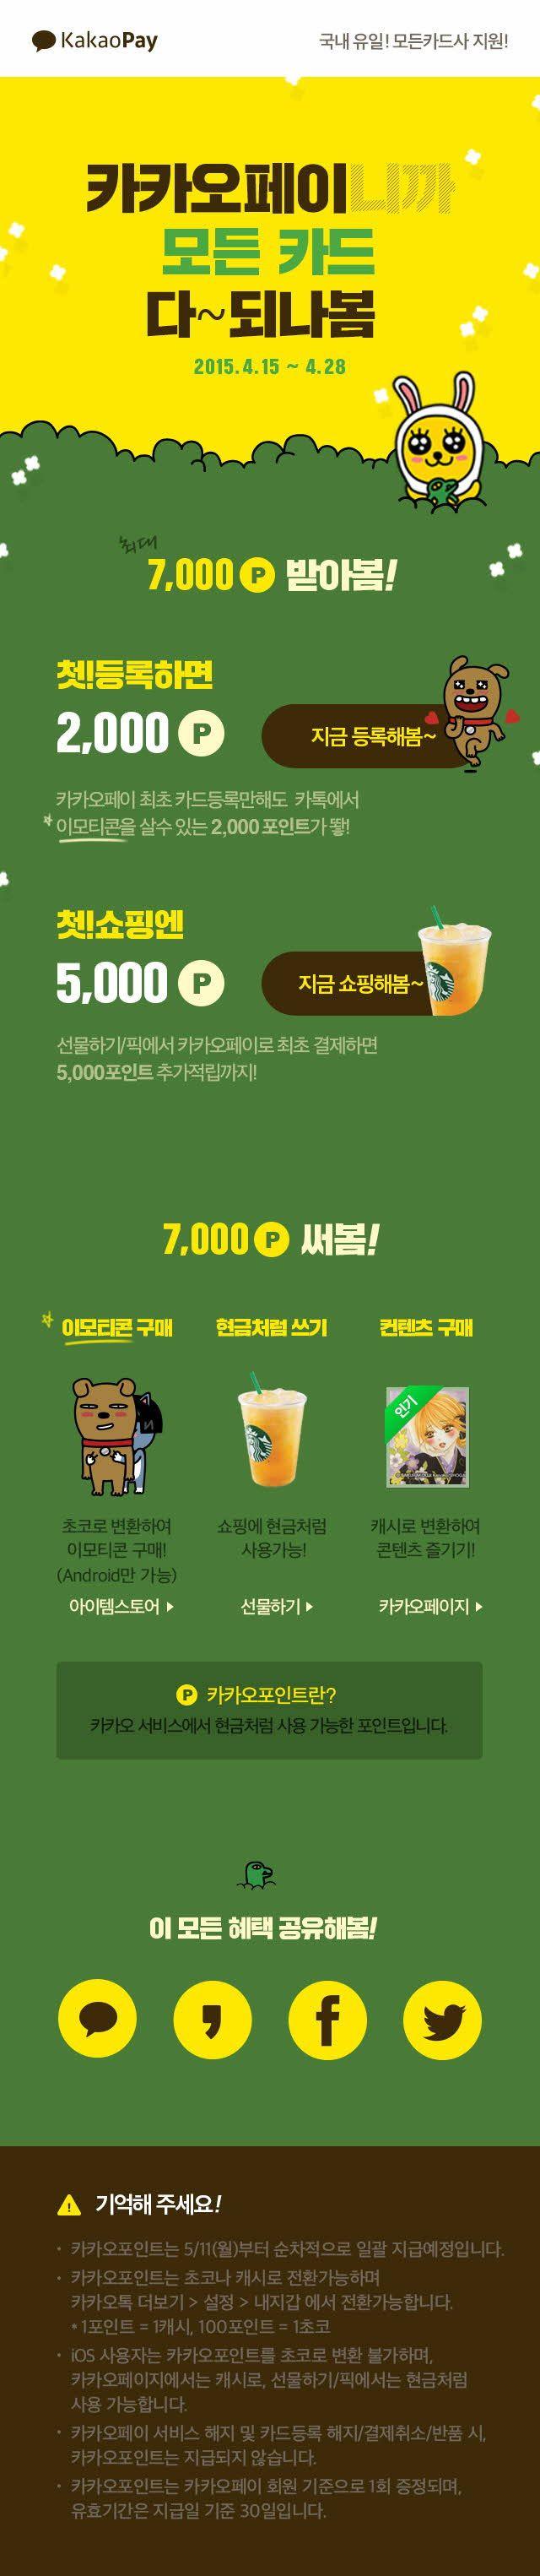 다음카카오 카카오페이, 봄맞이 신규 이용자 위한 특별 이벤트 실시